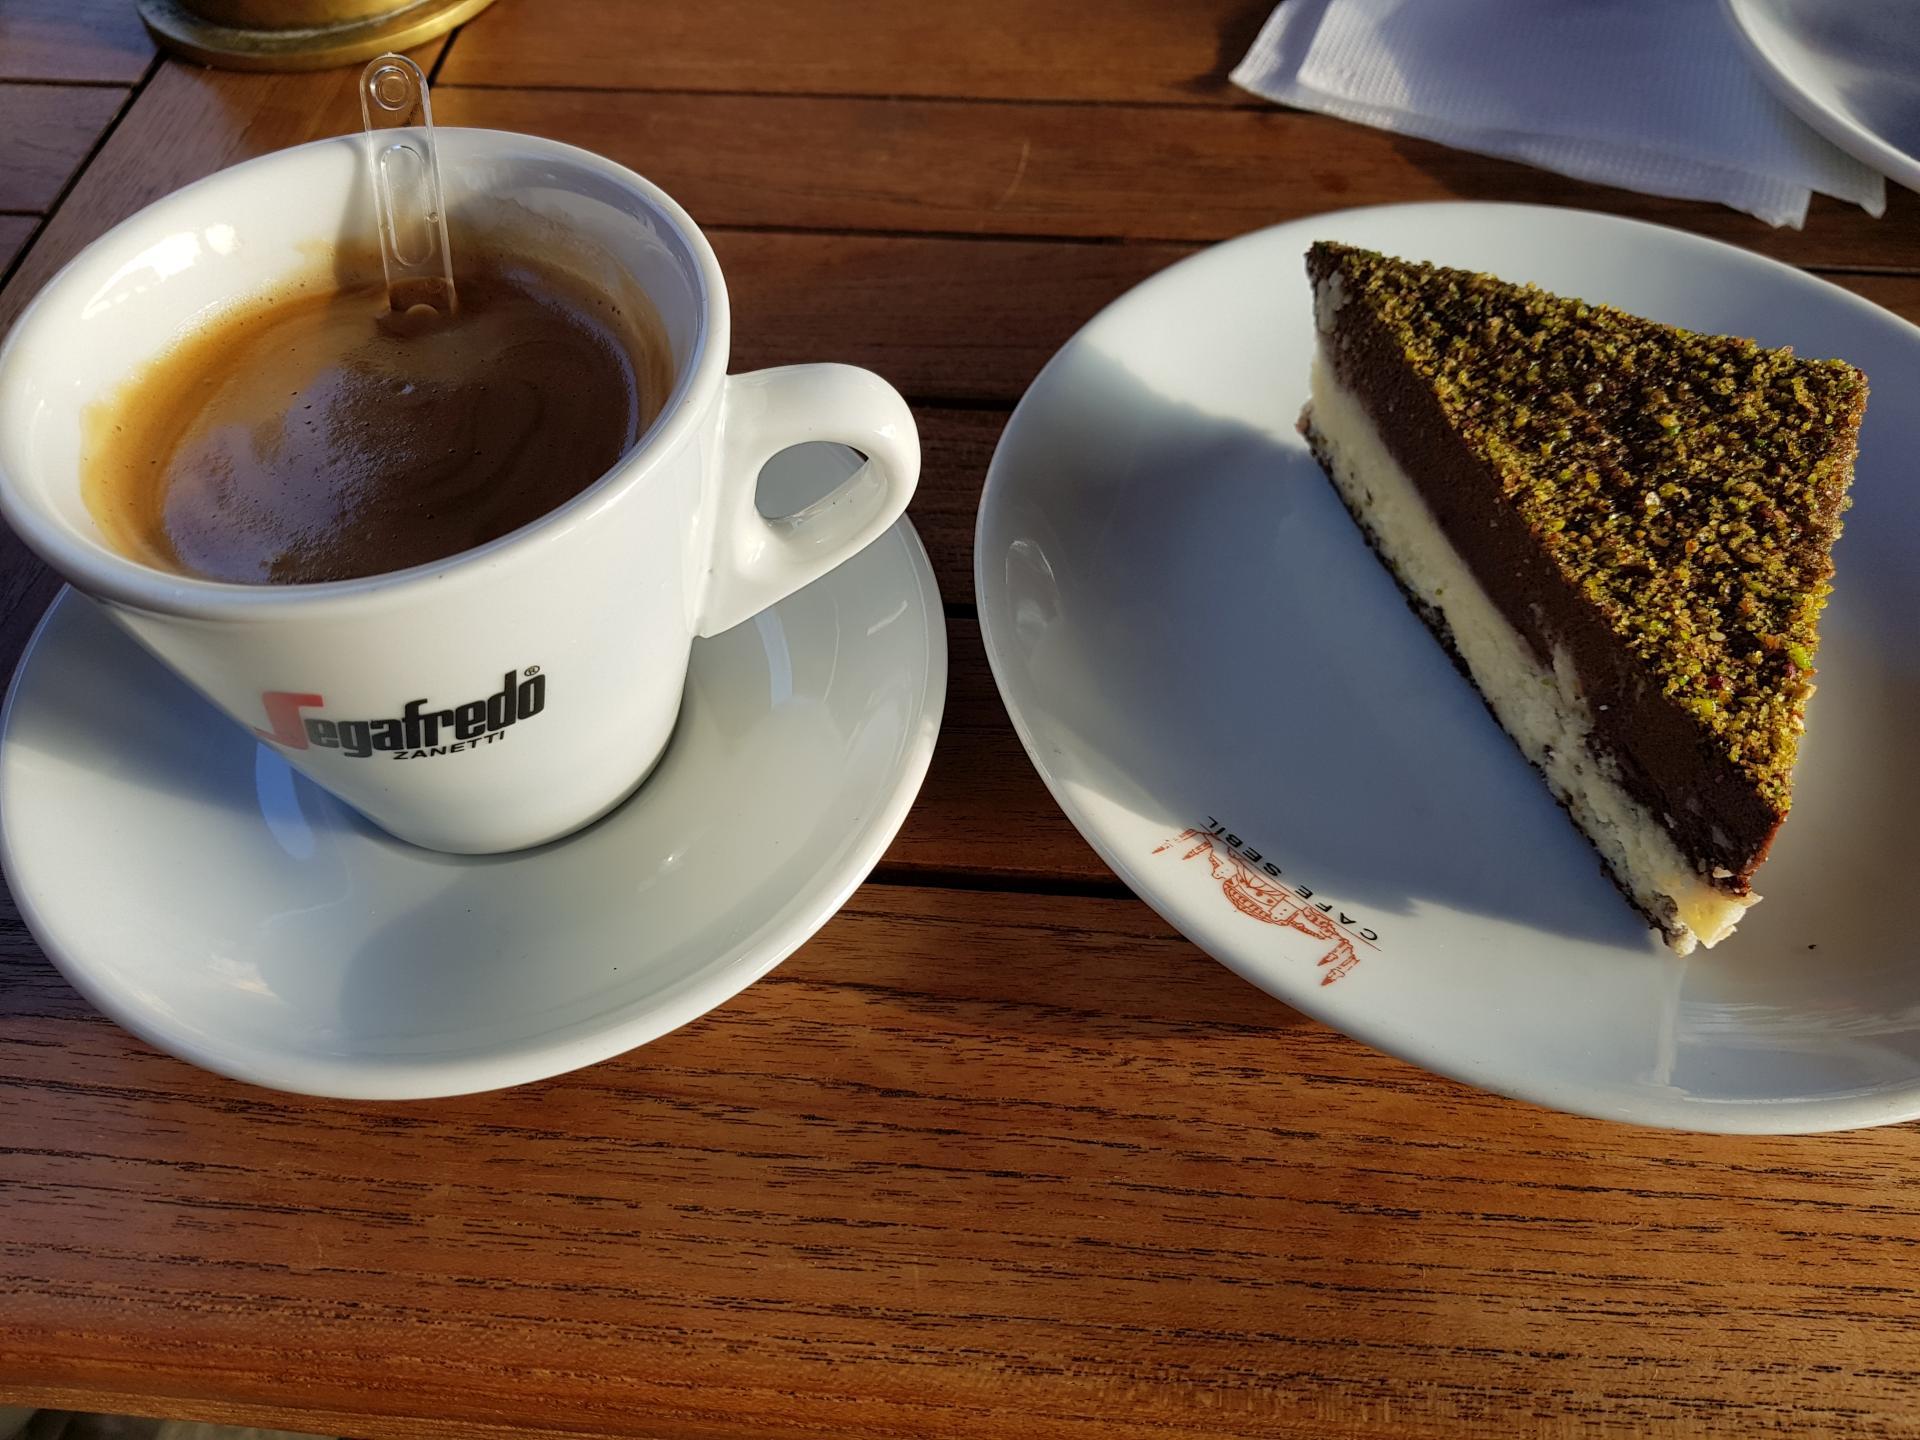 кофе и пирожное, Стамбул